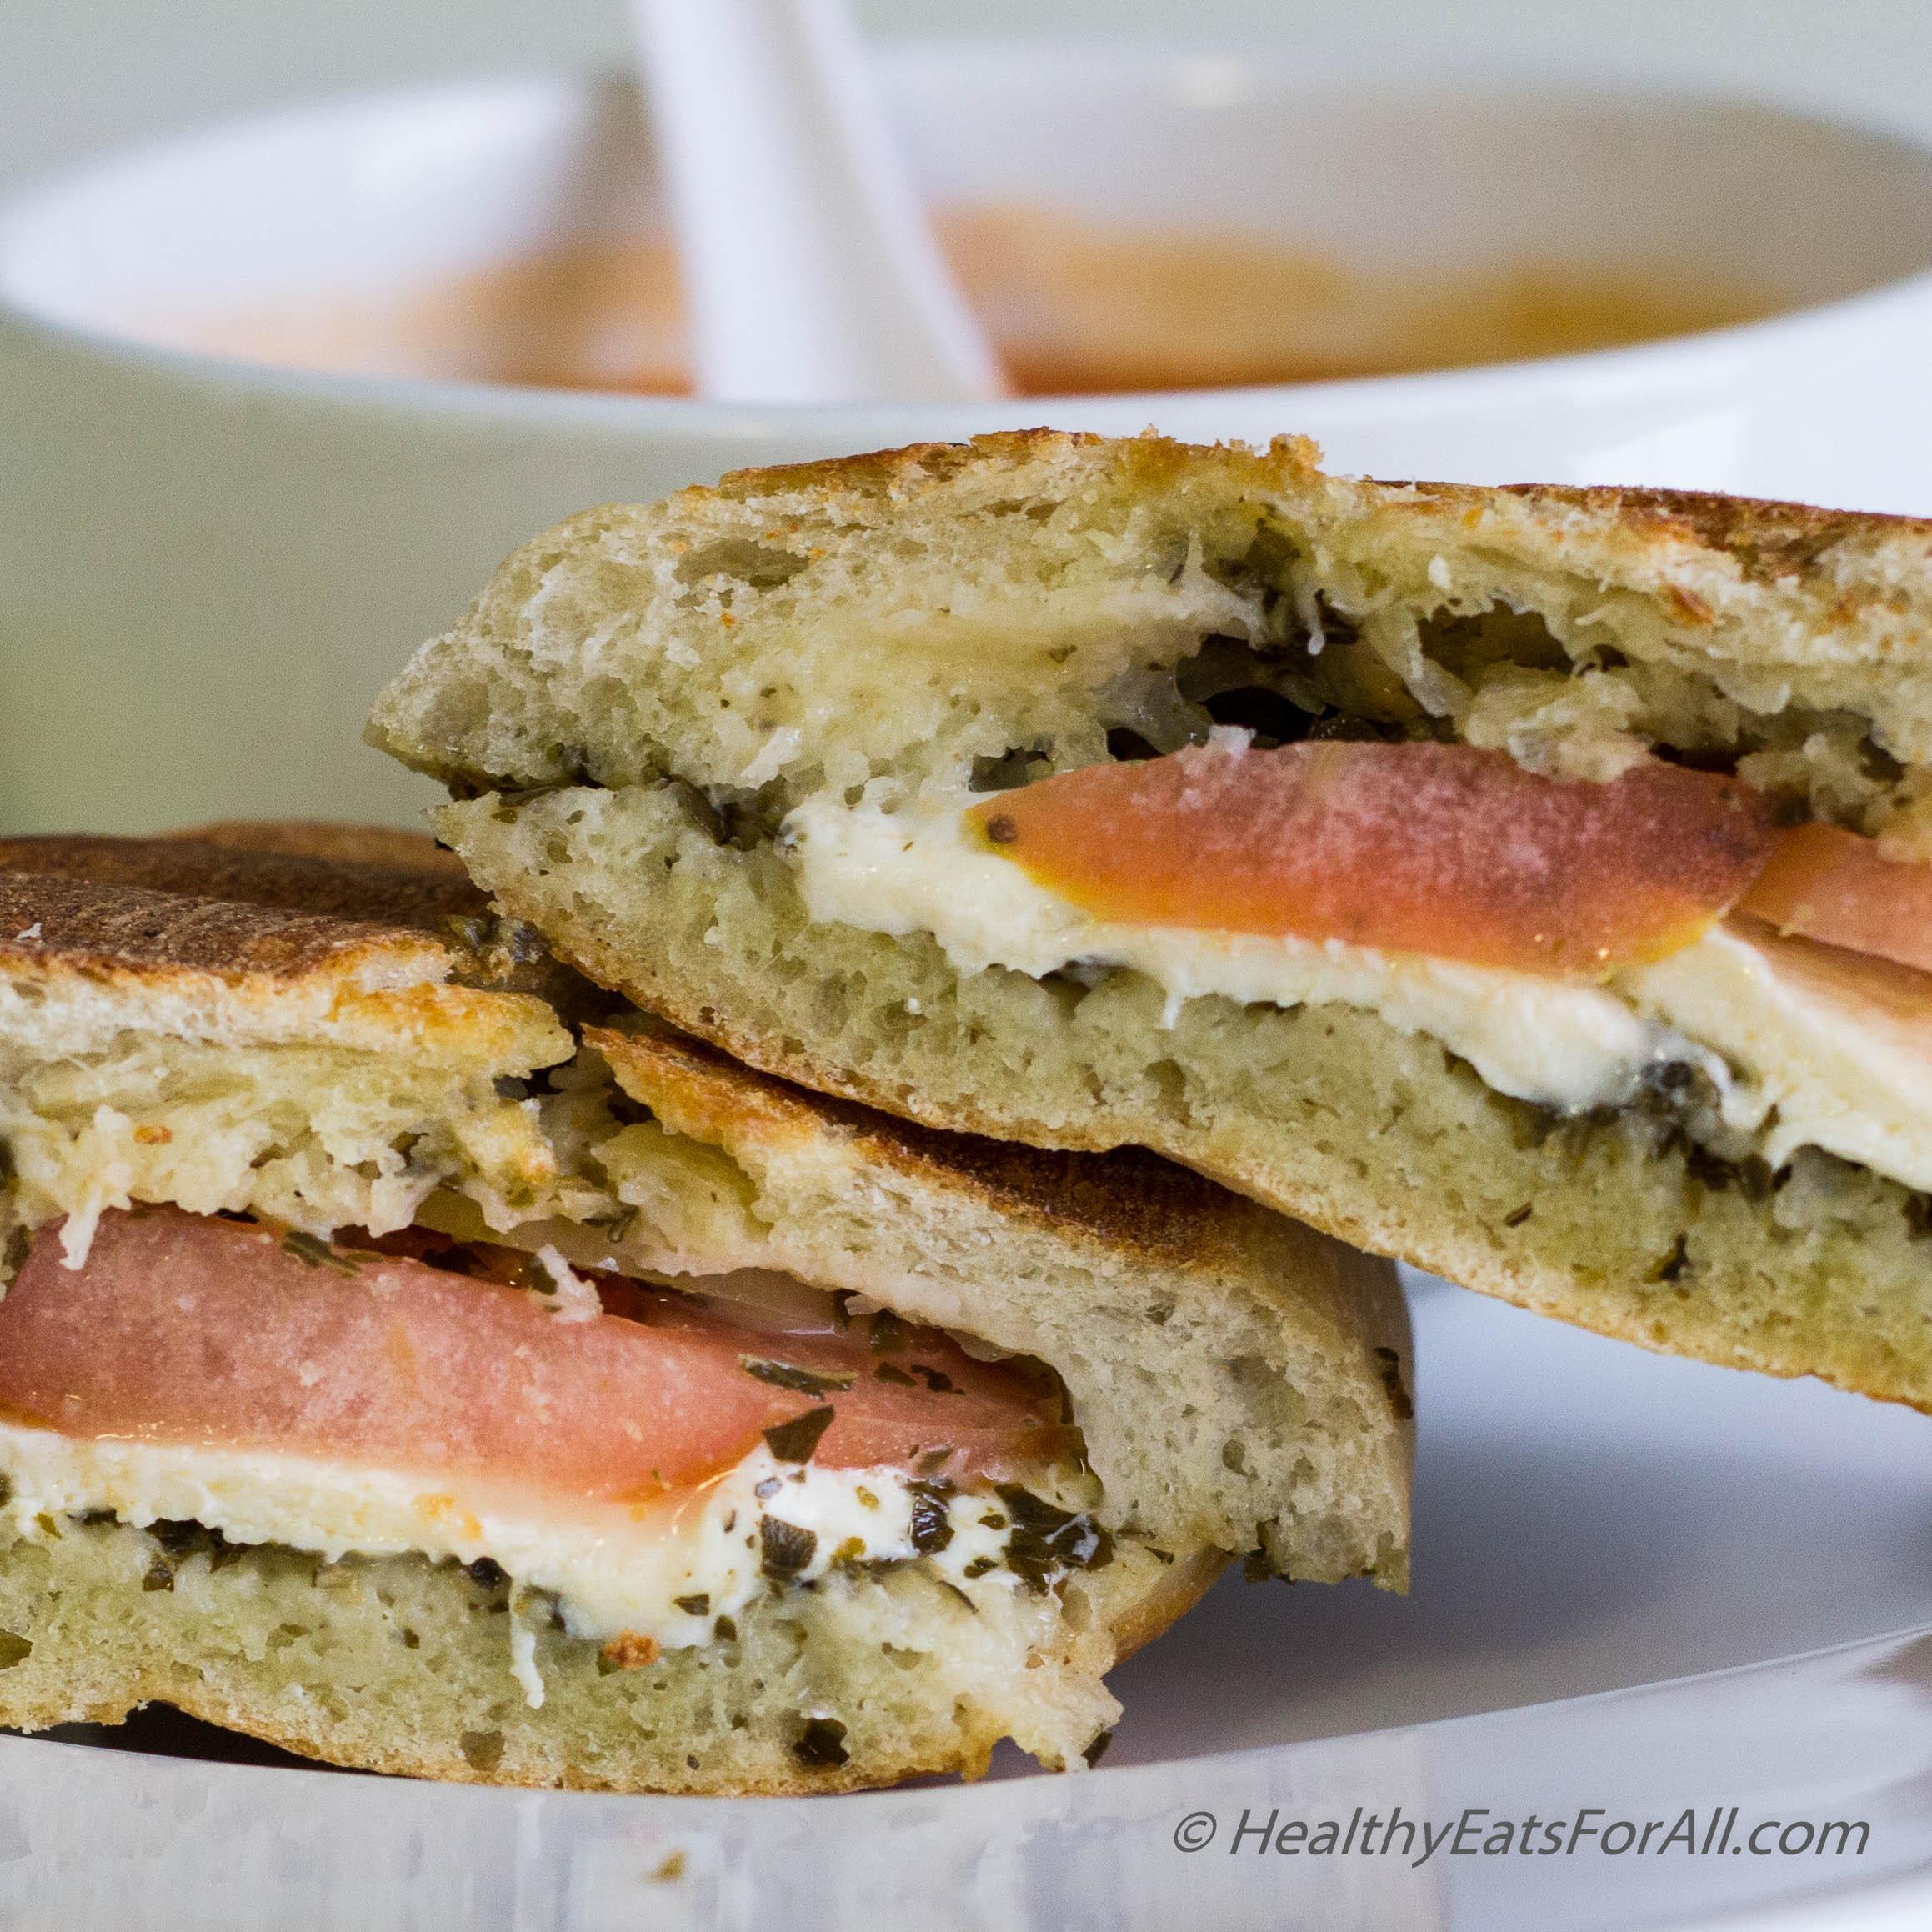 Mozzarella Pesto Panini Sandwich | Healthy Eats For All